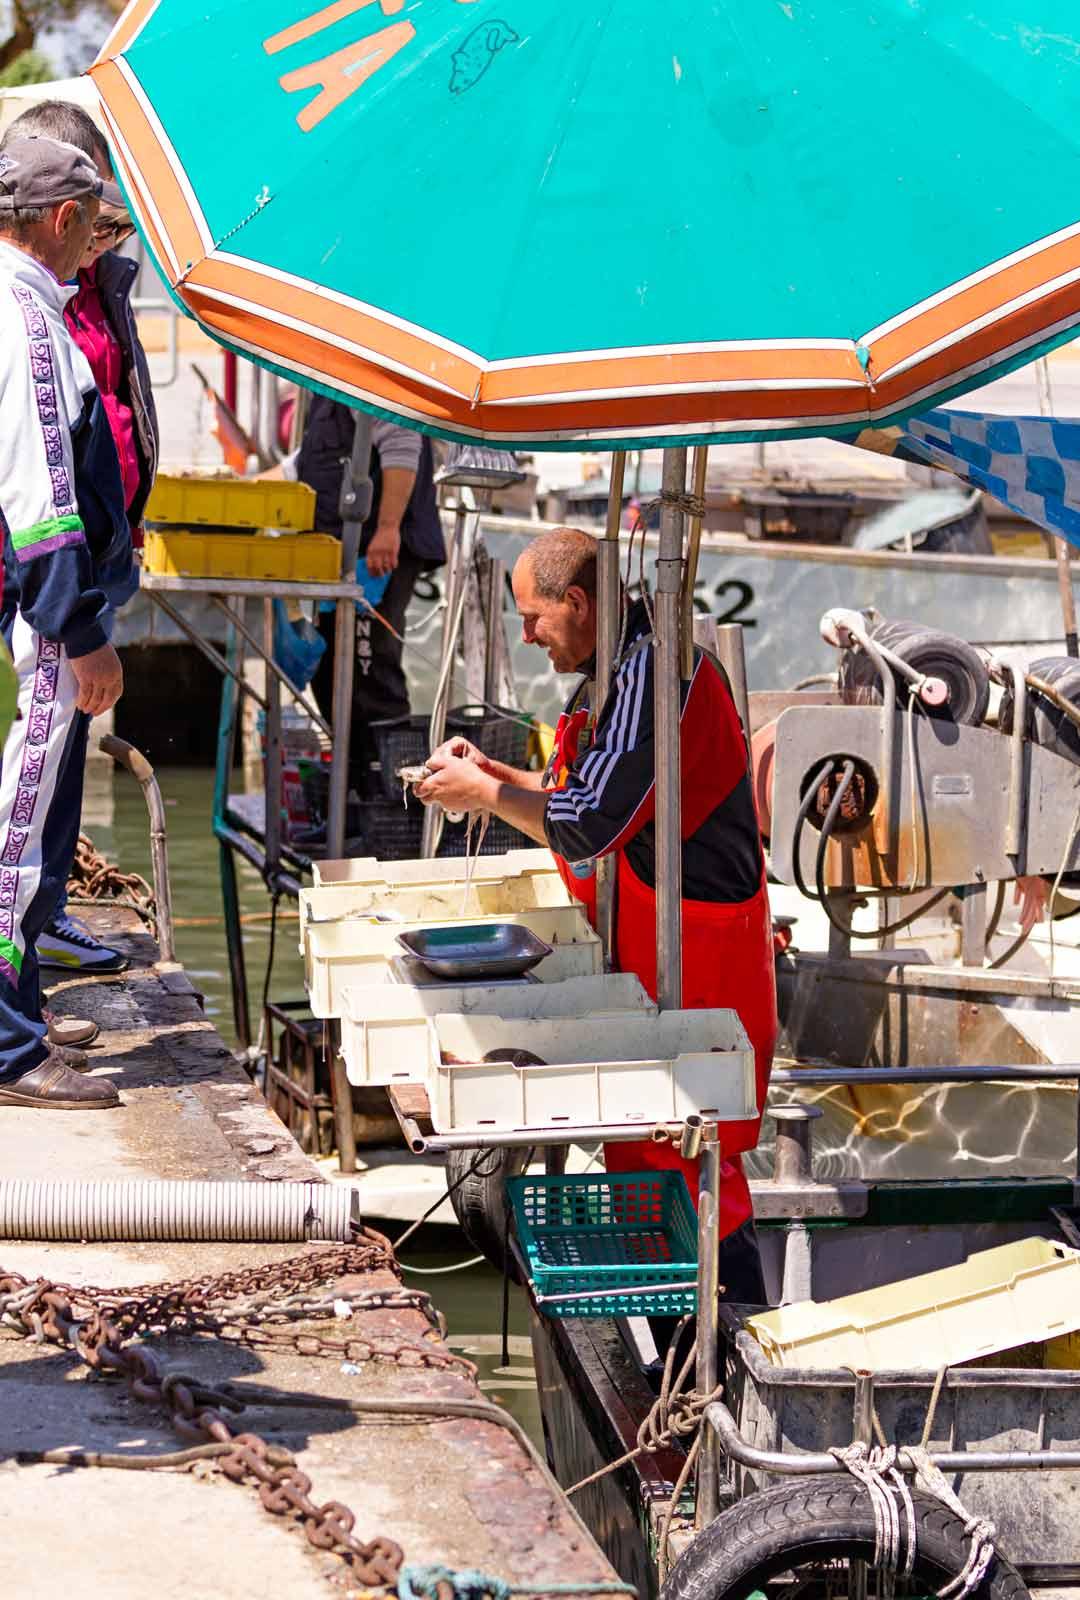 Cattolican noin 17 000 asukkaan kalastajakylässä kannattaa perinteisen italialaisen pizzan ohella nauttia maankuuluista merenantimista.